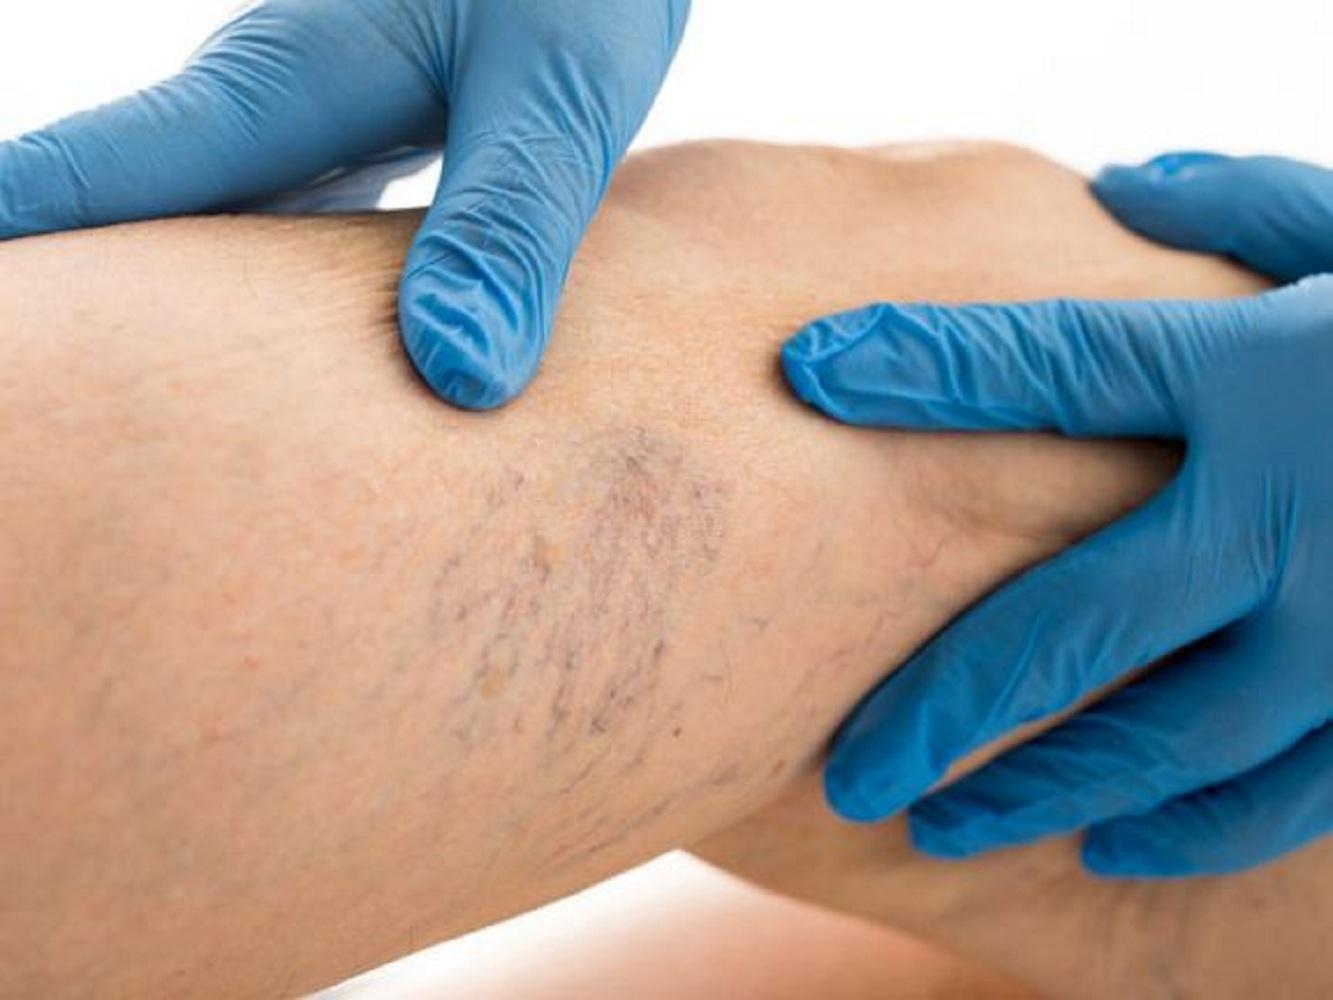 amit a visszér műtét után írnak fel zsírégető pakolások visszér ellen